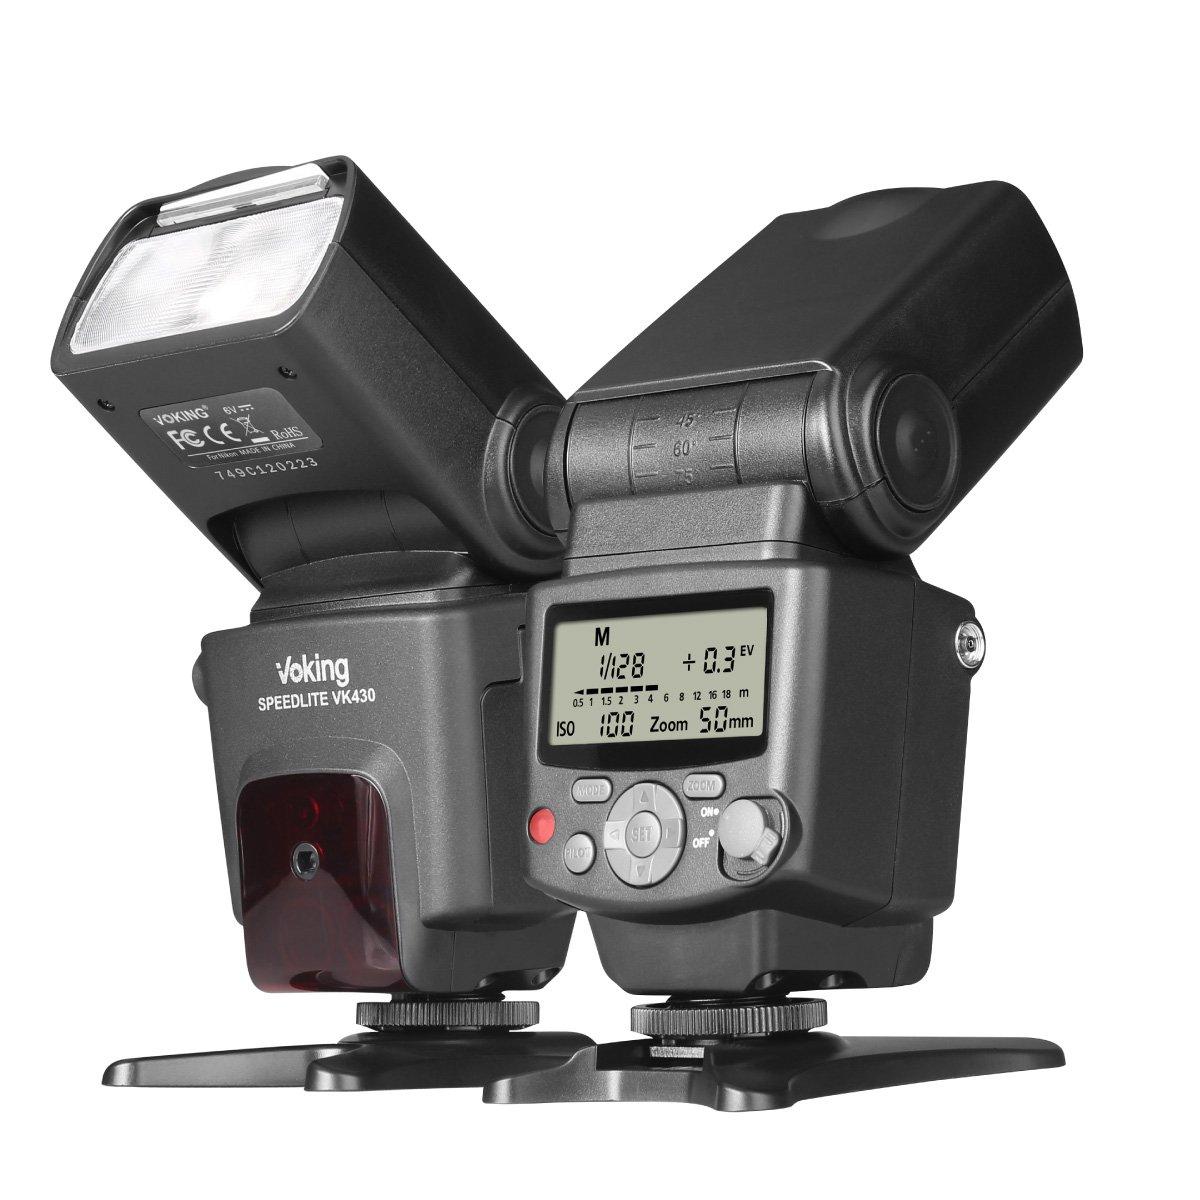 Voking Vk430 I Ttl Speedlite Flash Nikon D3400 D3300 D3200.